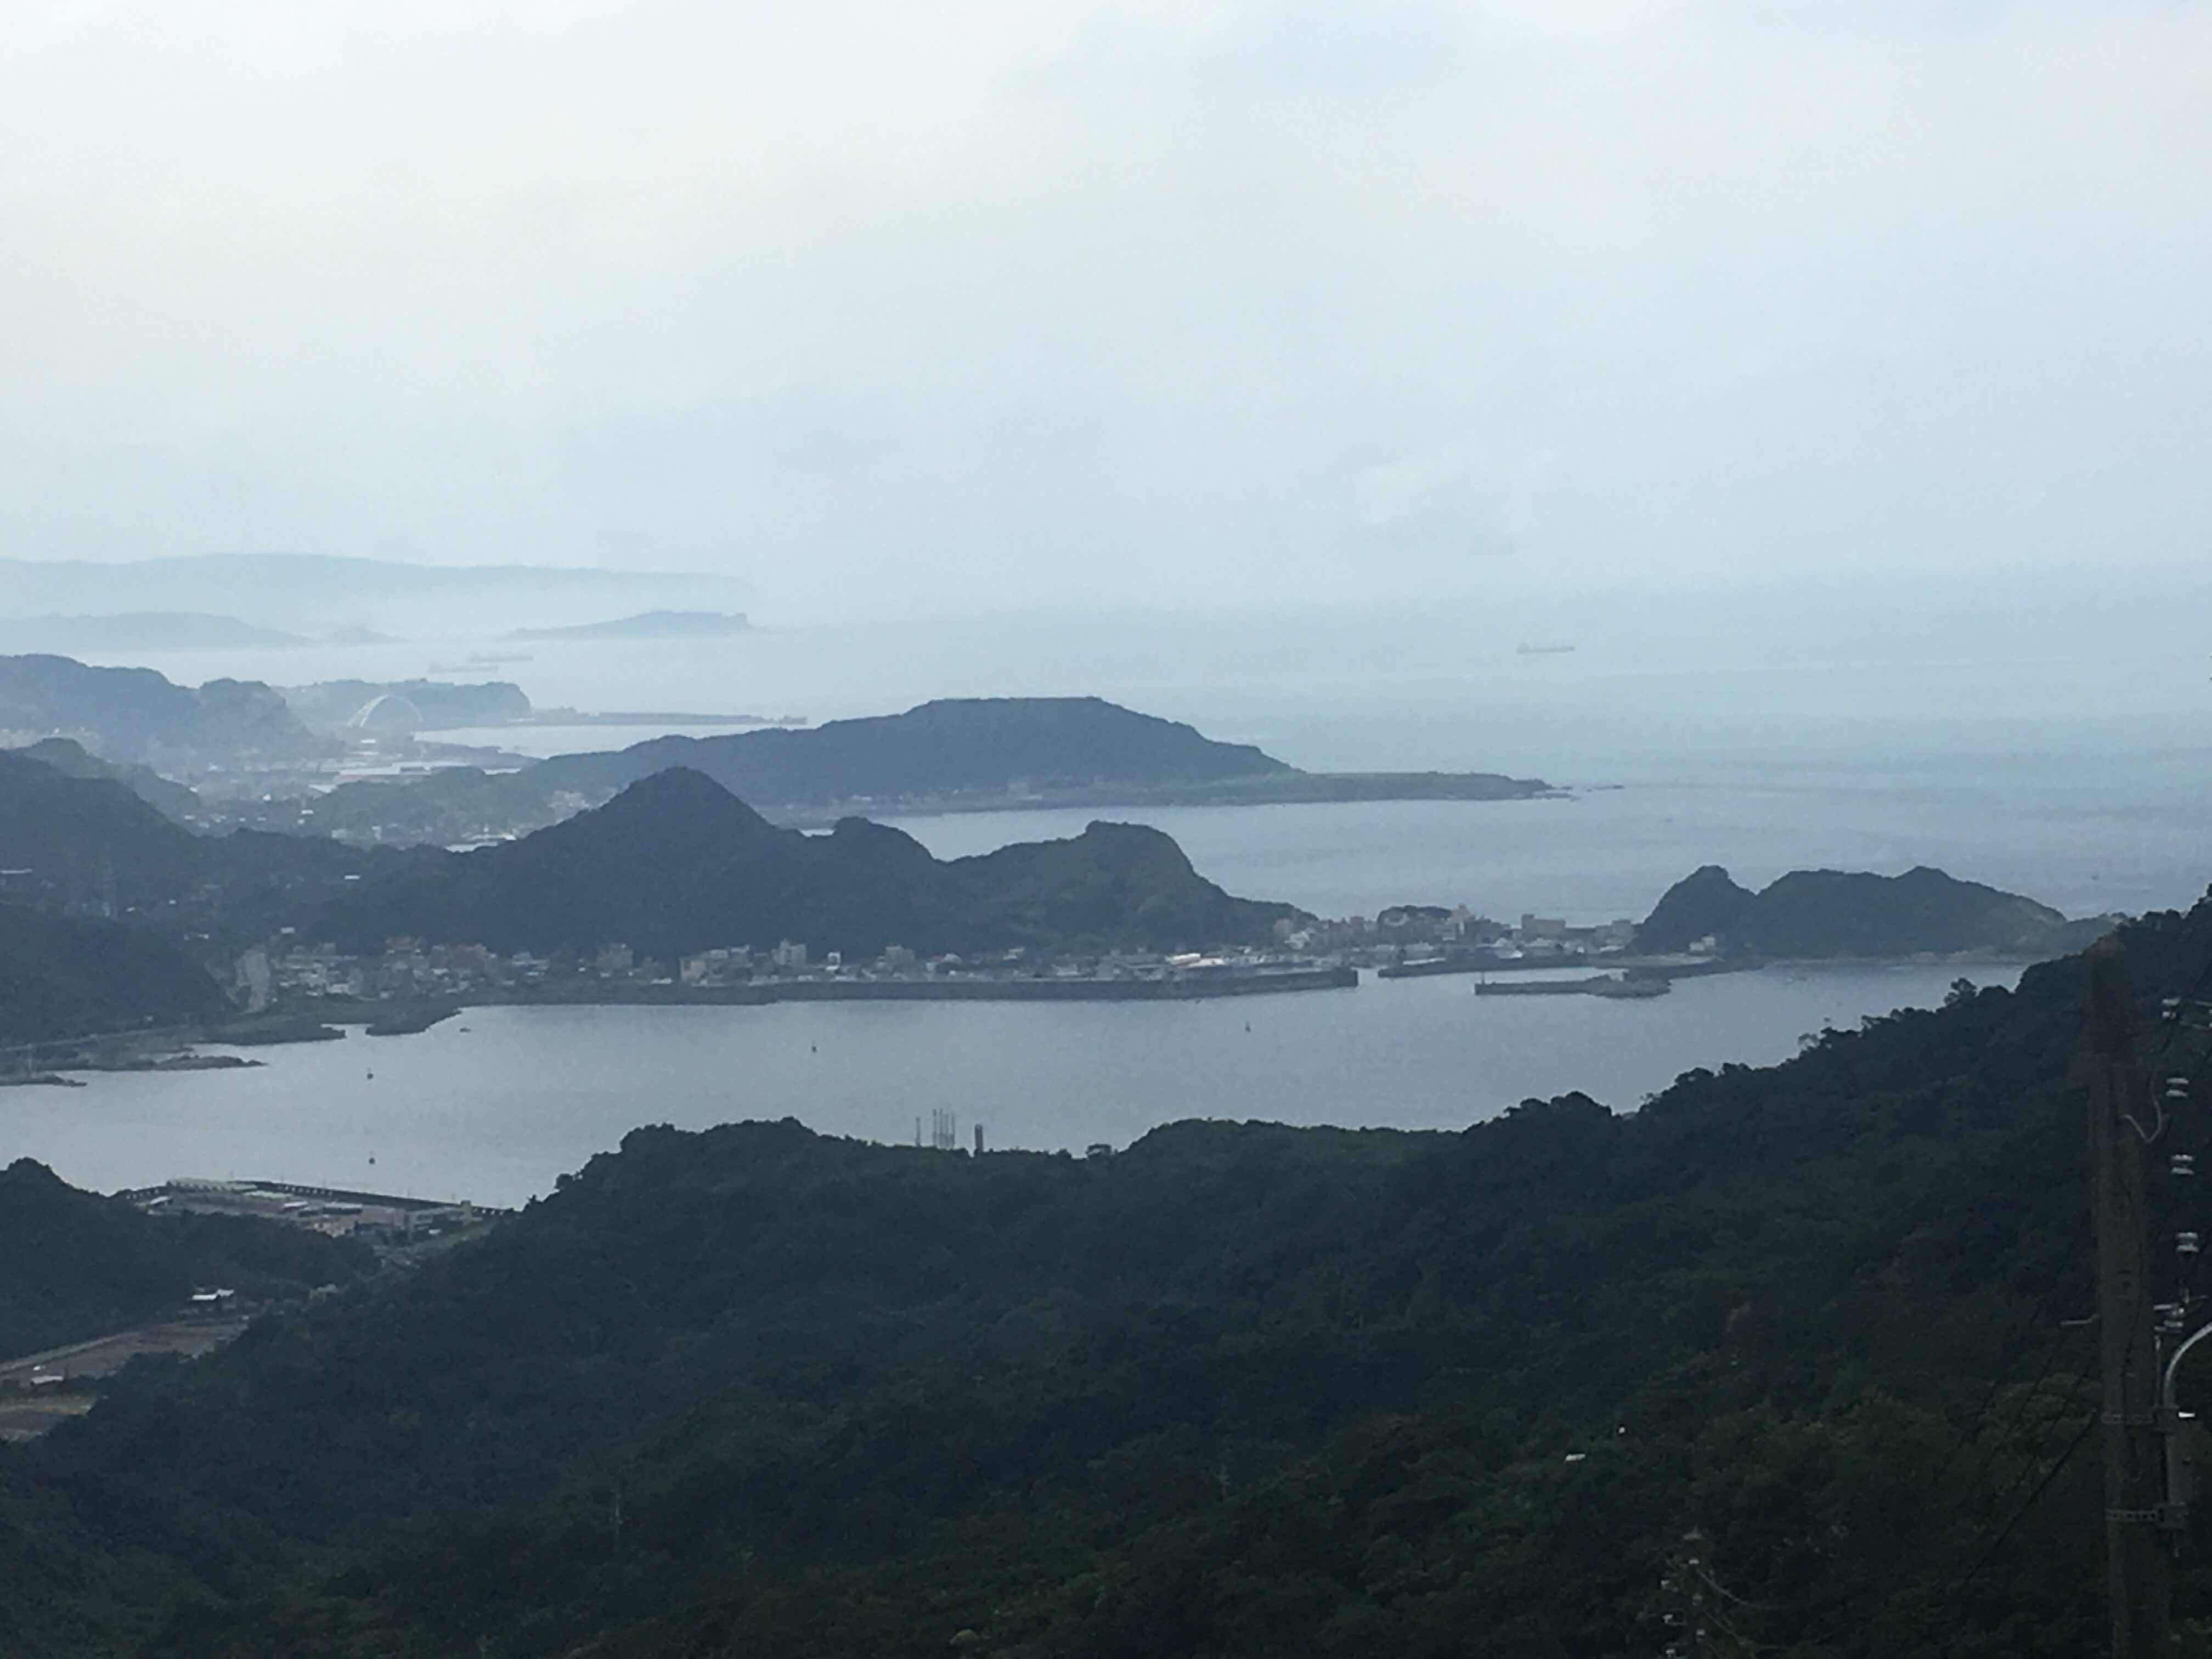 jiufen old street taipei ruifang jiufen taiwan sea mountains view